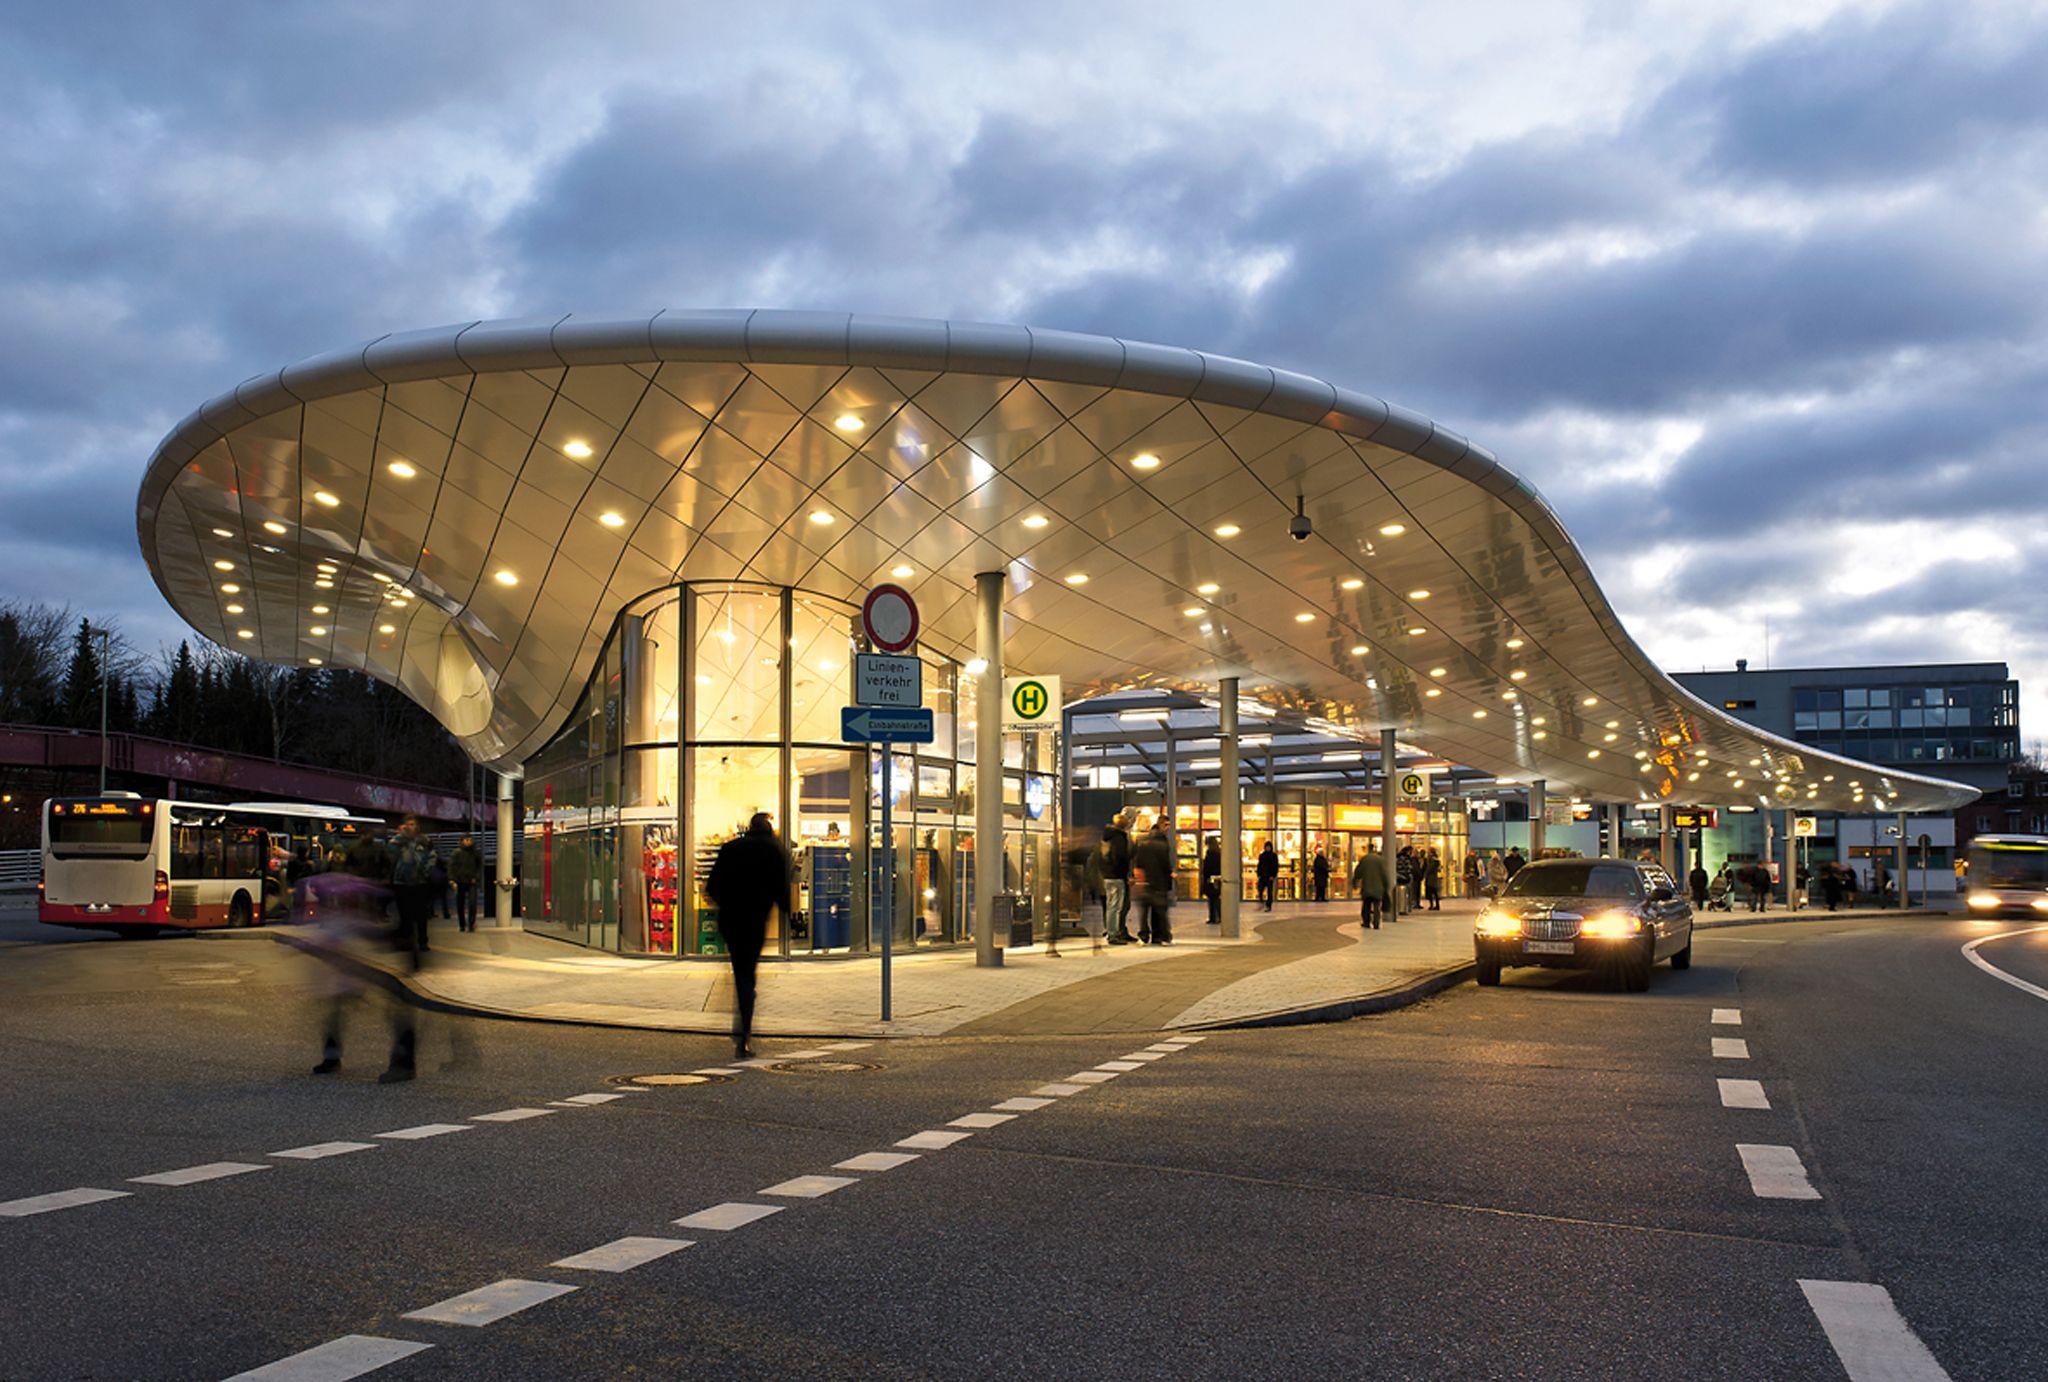 Architekten Hamburg station hamburg poppenbüttel germany by blunck morgen